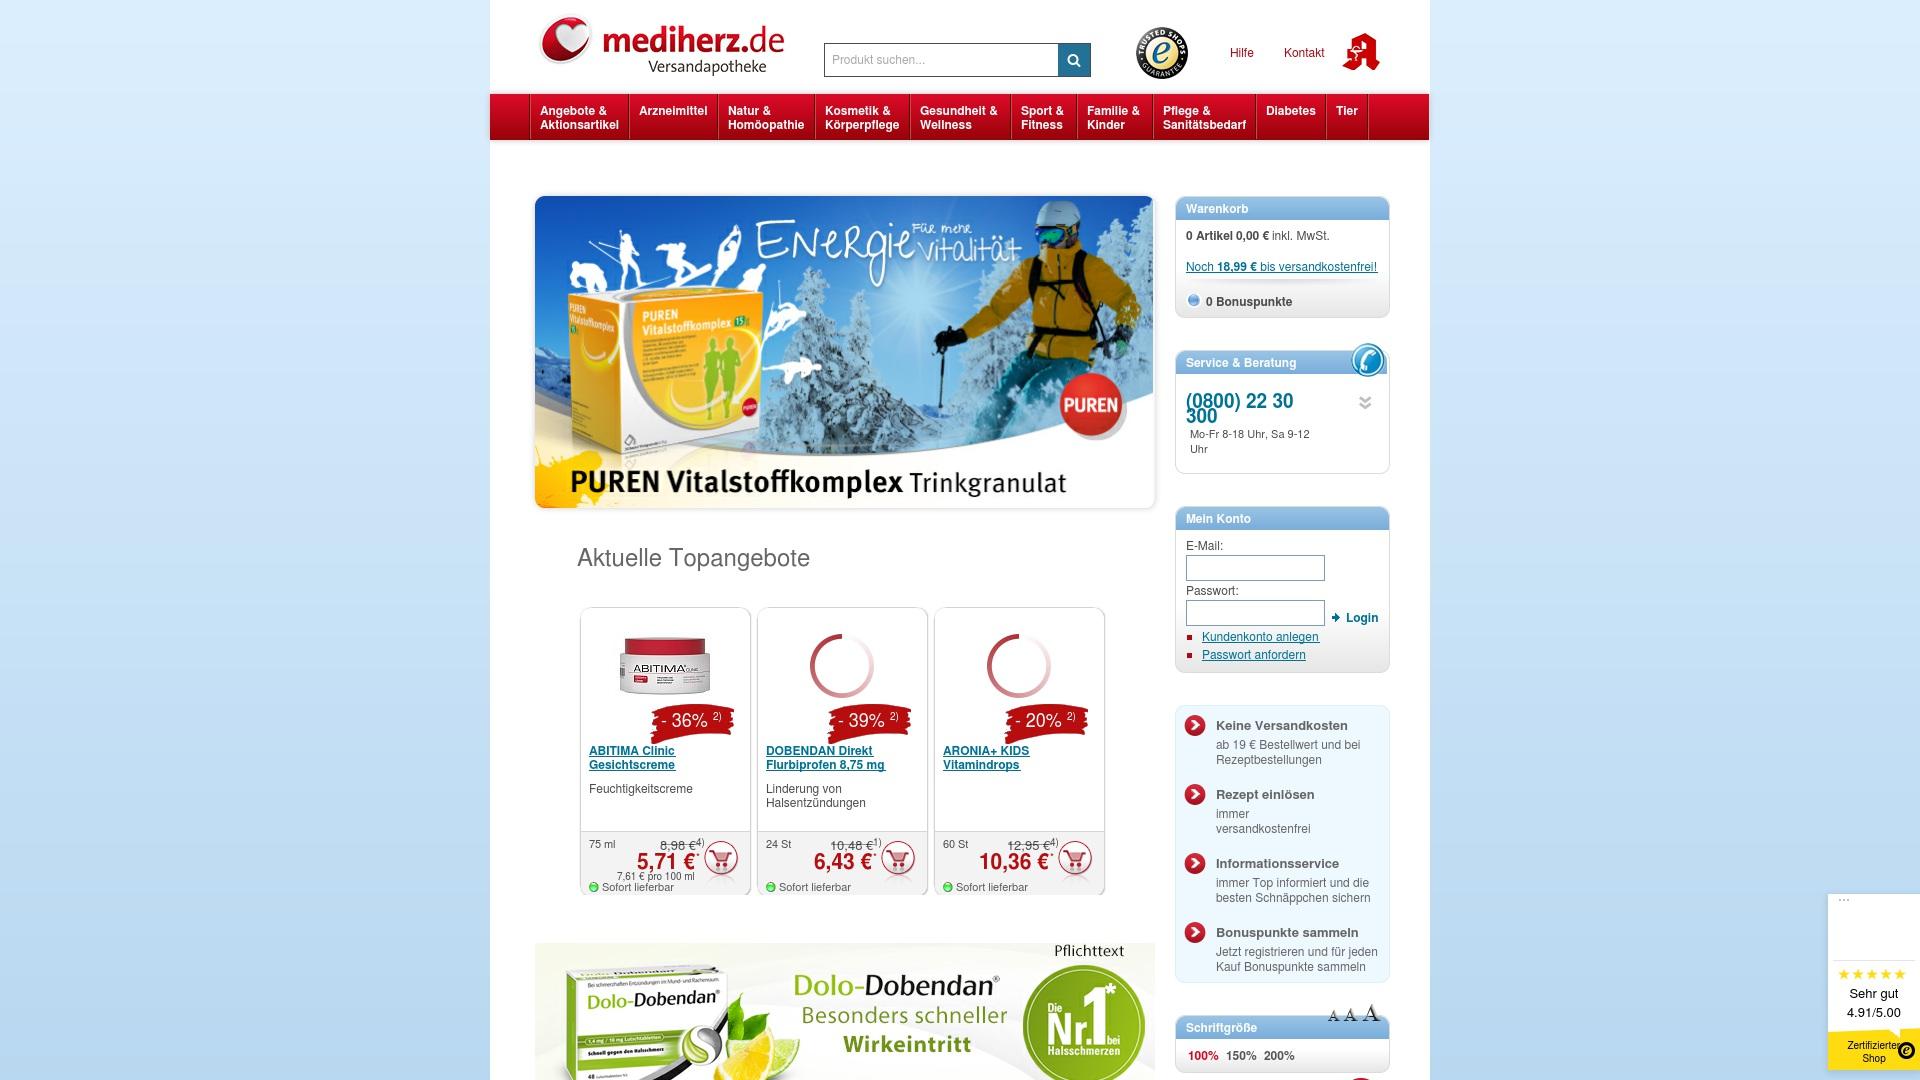 Gutschein für Mediherz: Rabatte für  Mediherz sichern